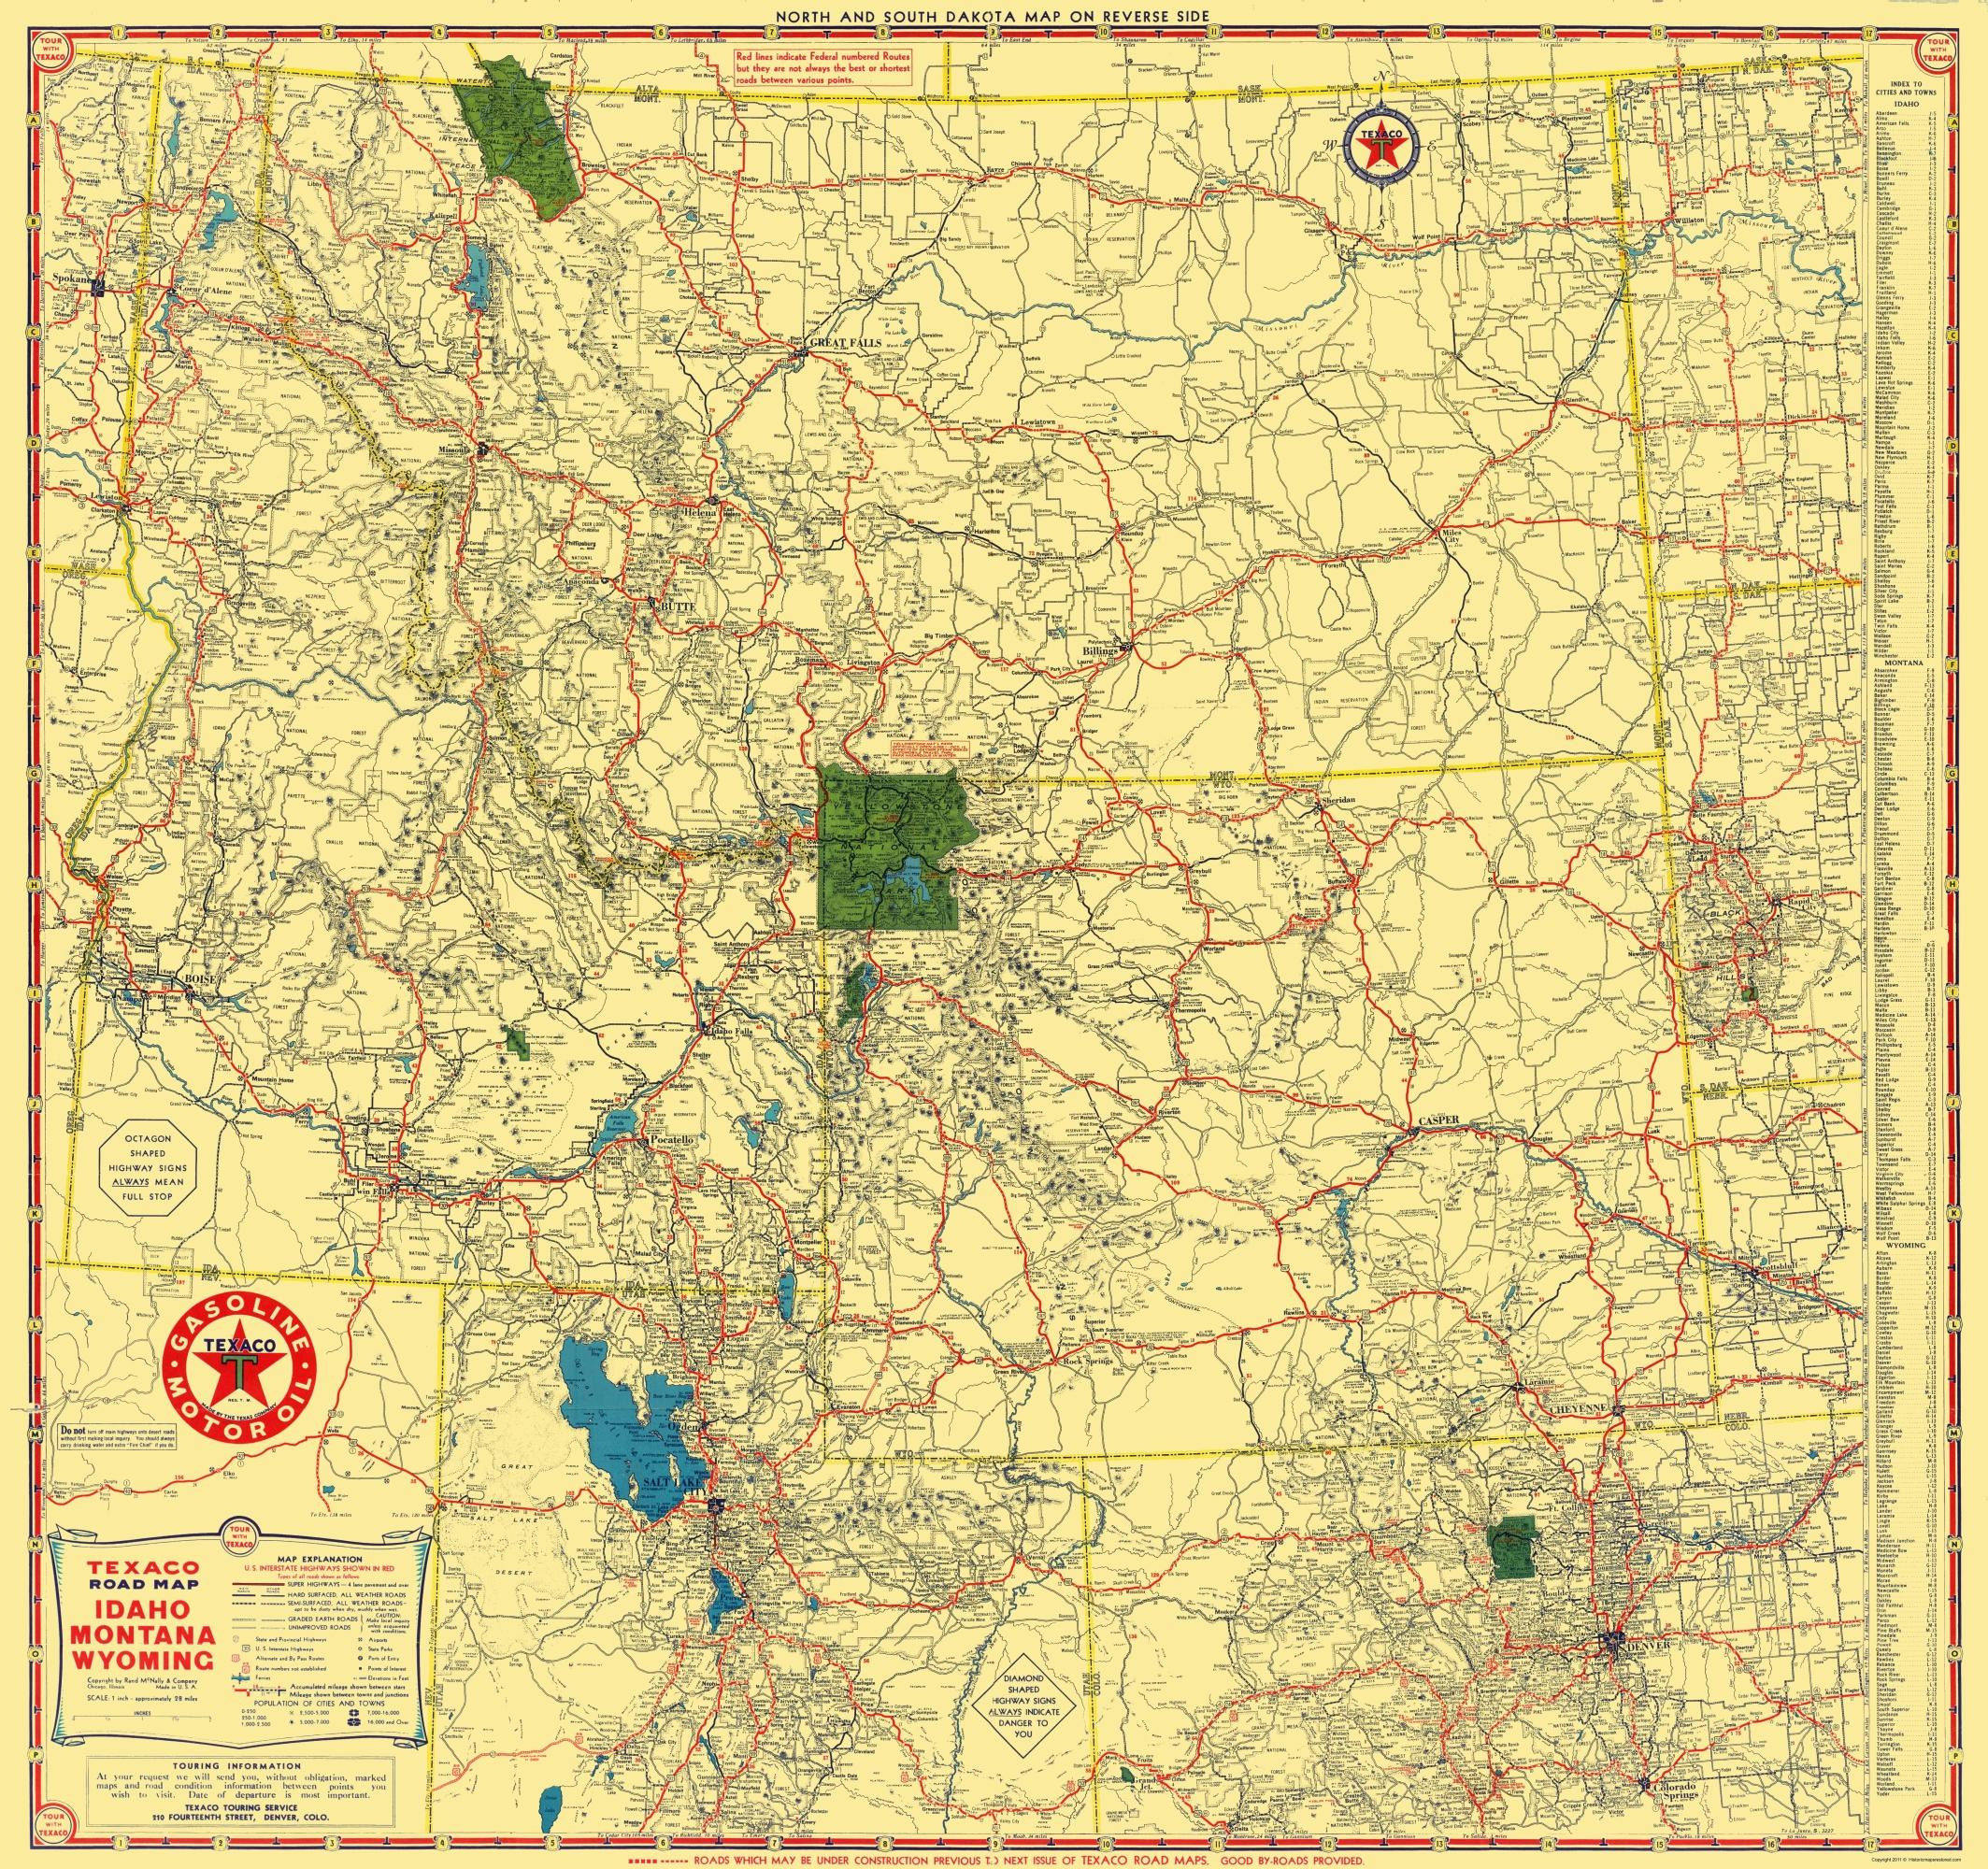 Old State Map Texaco Idaho Montana Wyoming Rand Mcnally 1937 23 X 24